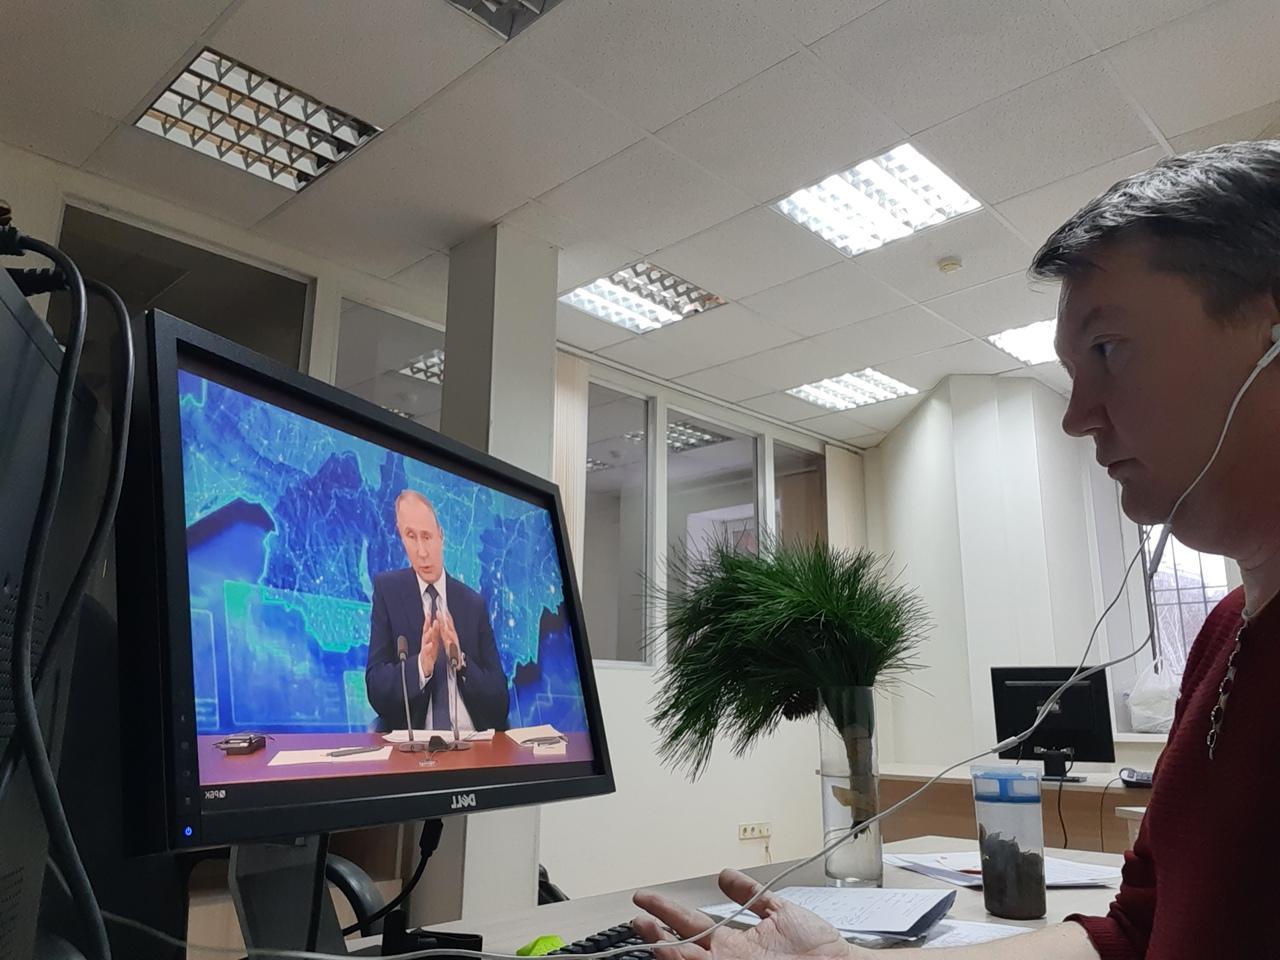 Фото Путин на экране: как котики, депутаты и дольщики в Новосибирске смотрят большую пресс-конференцию президента 16